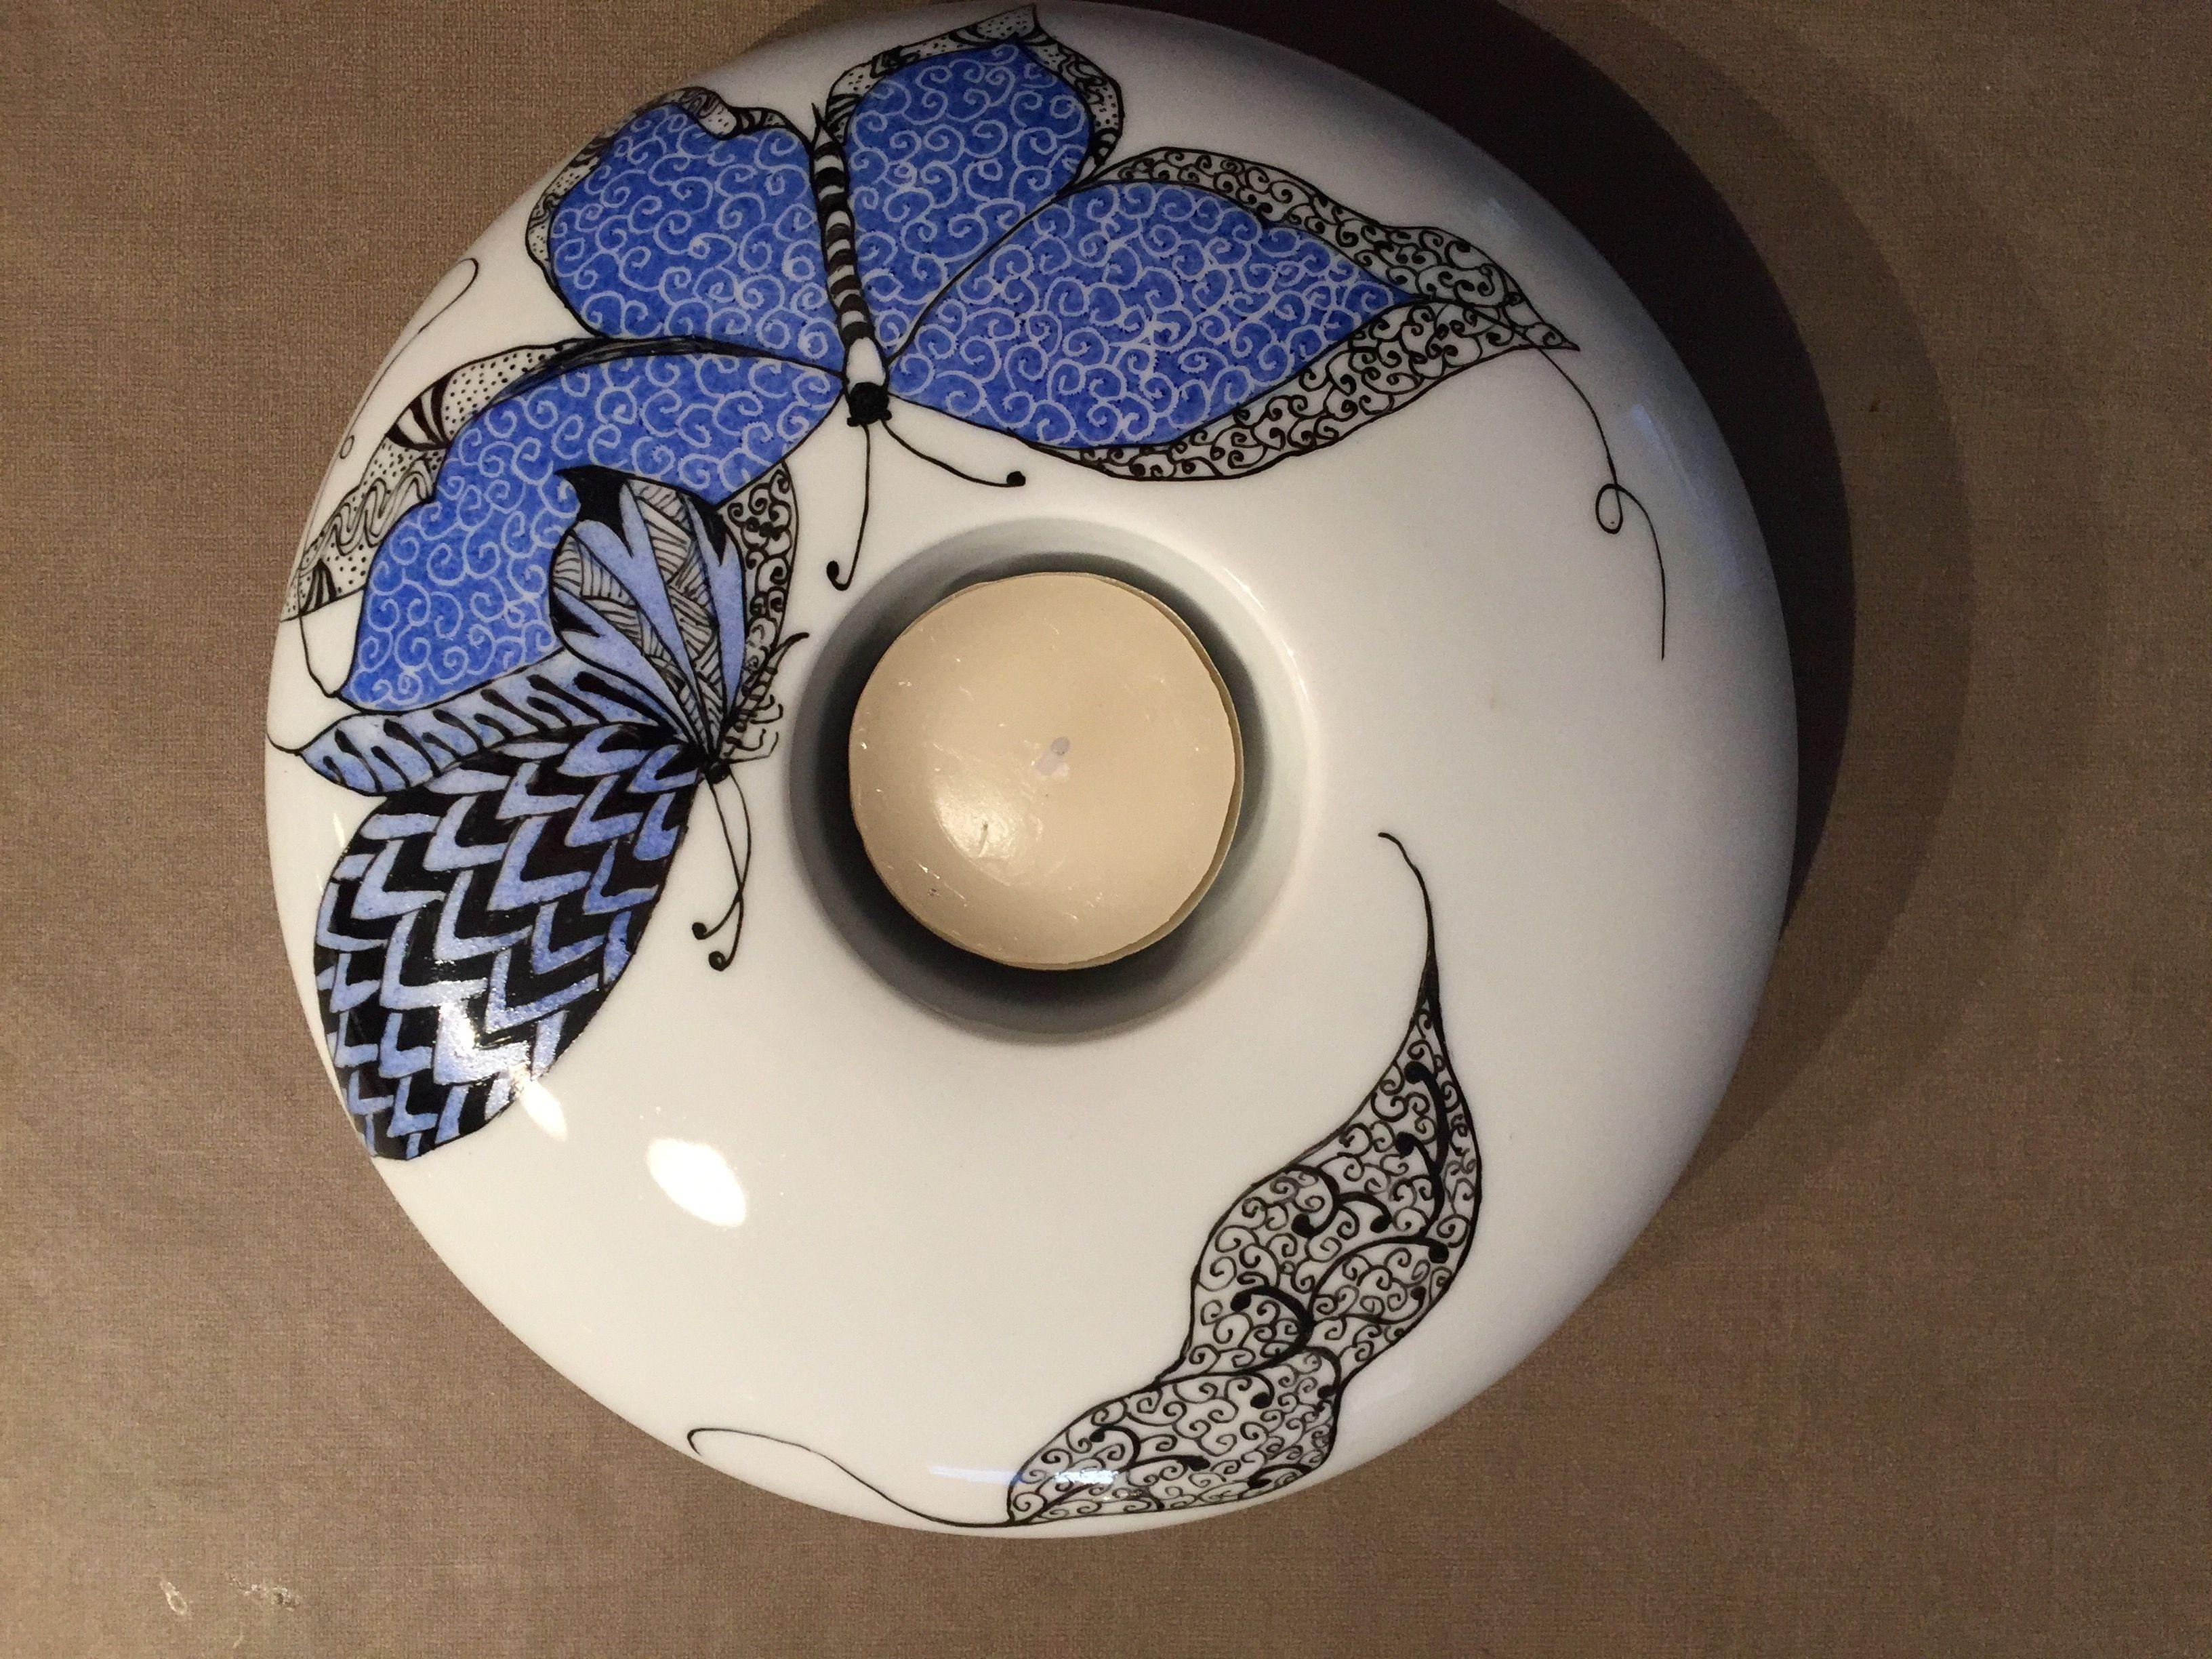 Lin van porcelaines peinture sur porcelaine bougeoirs for Decoration sur porcelaine